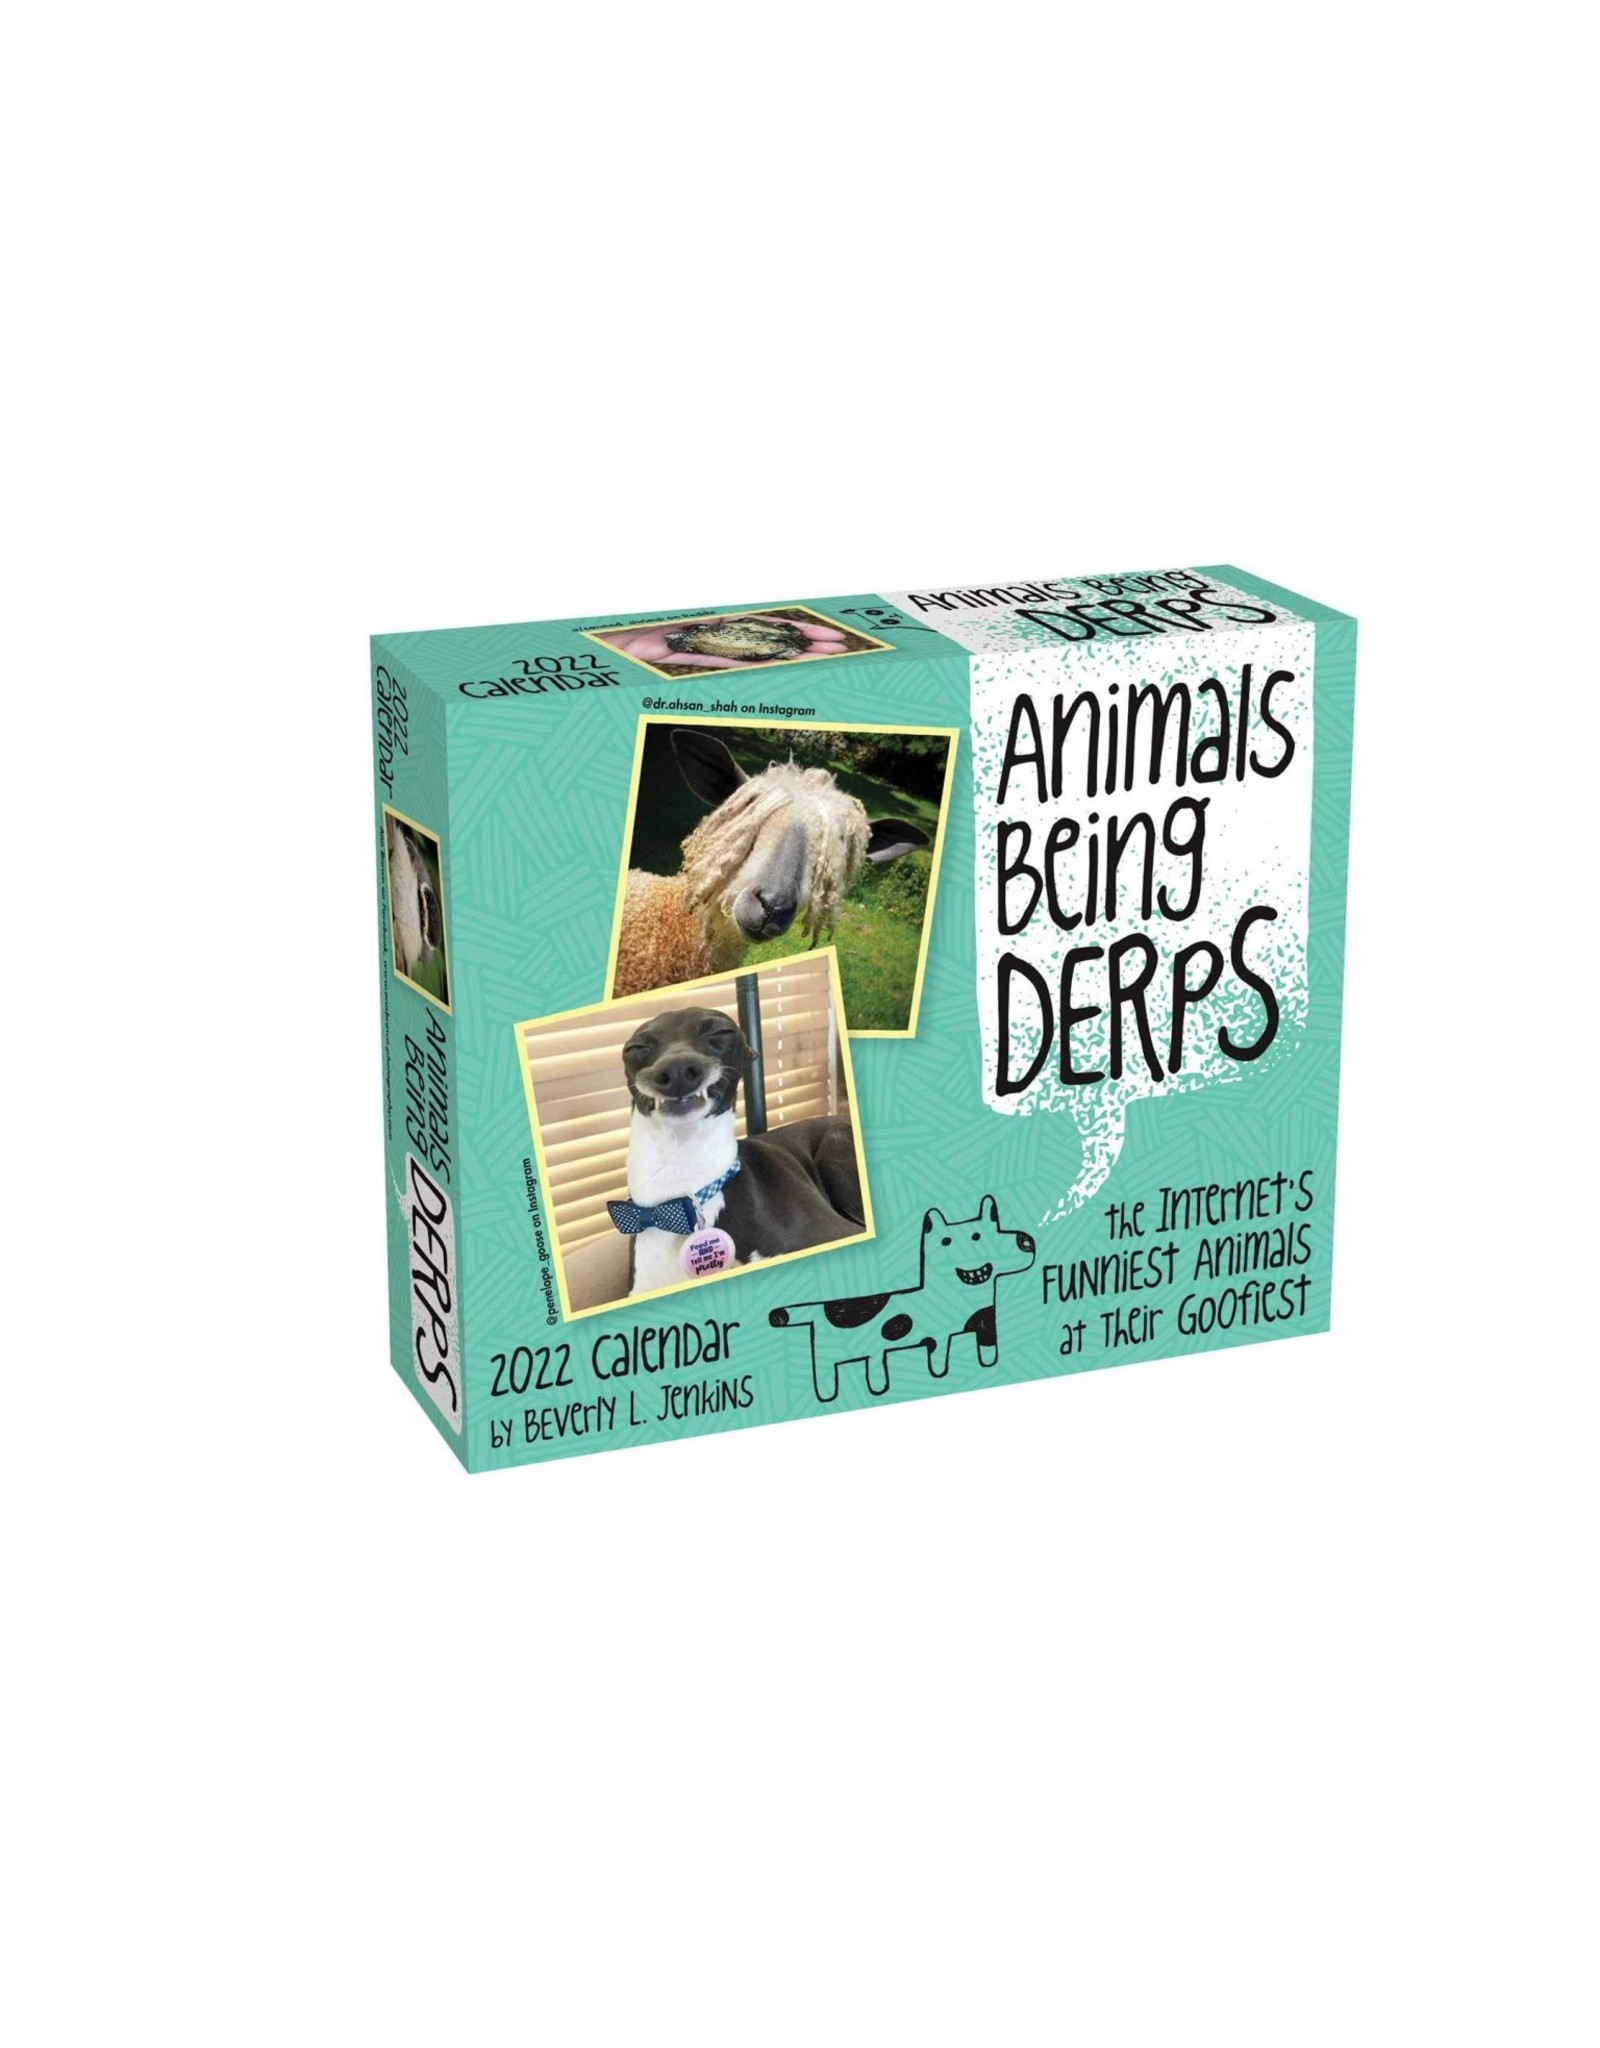 Animals Being Derps 2022 Pad Calendar